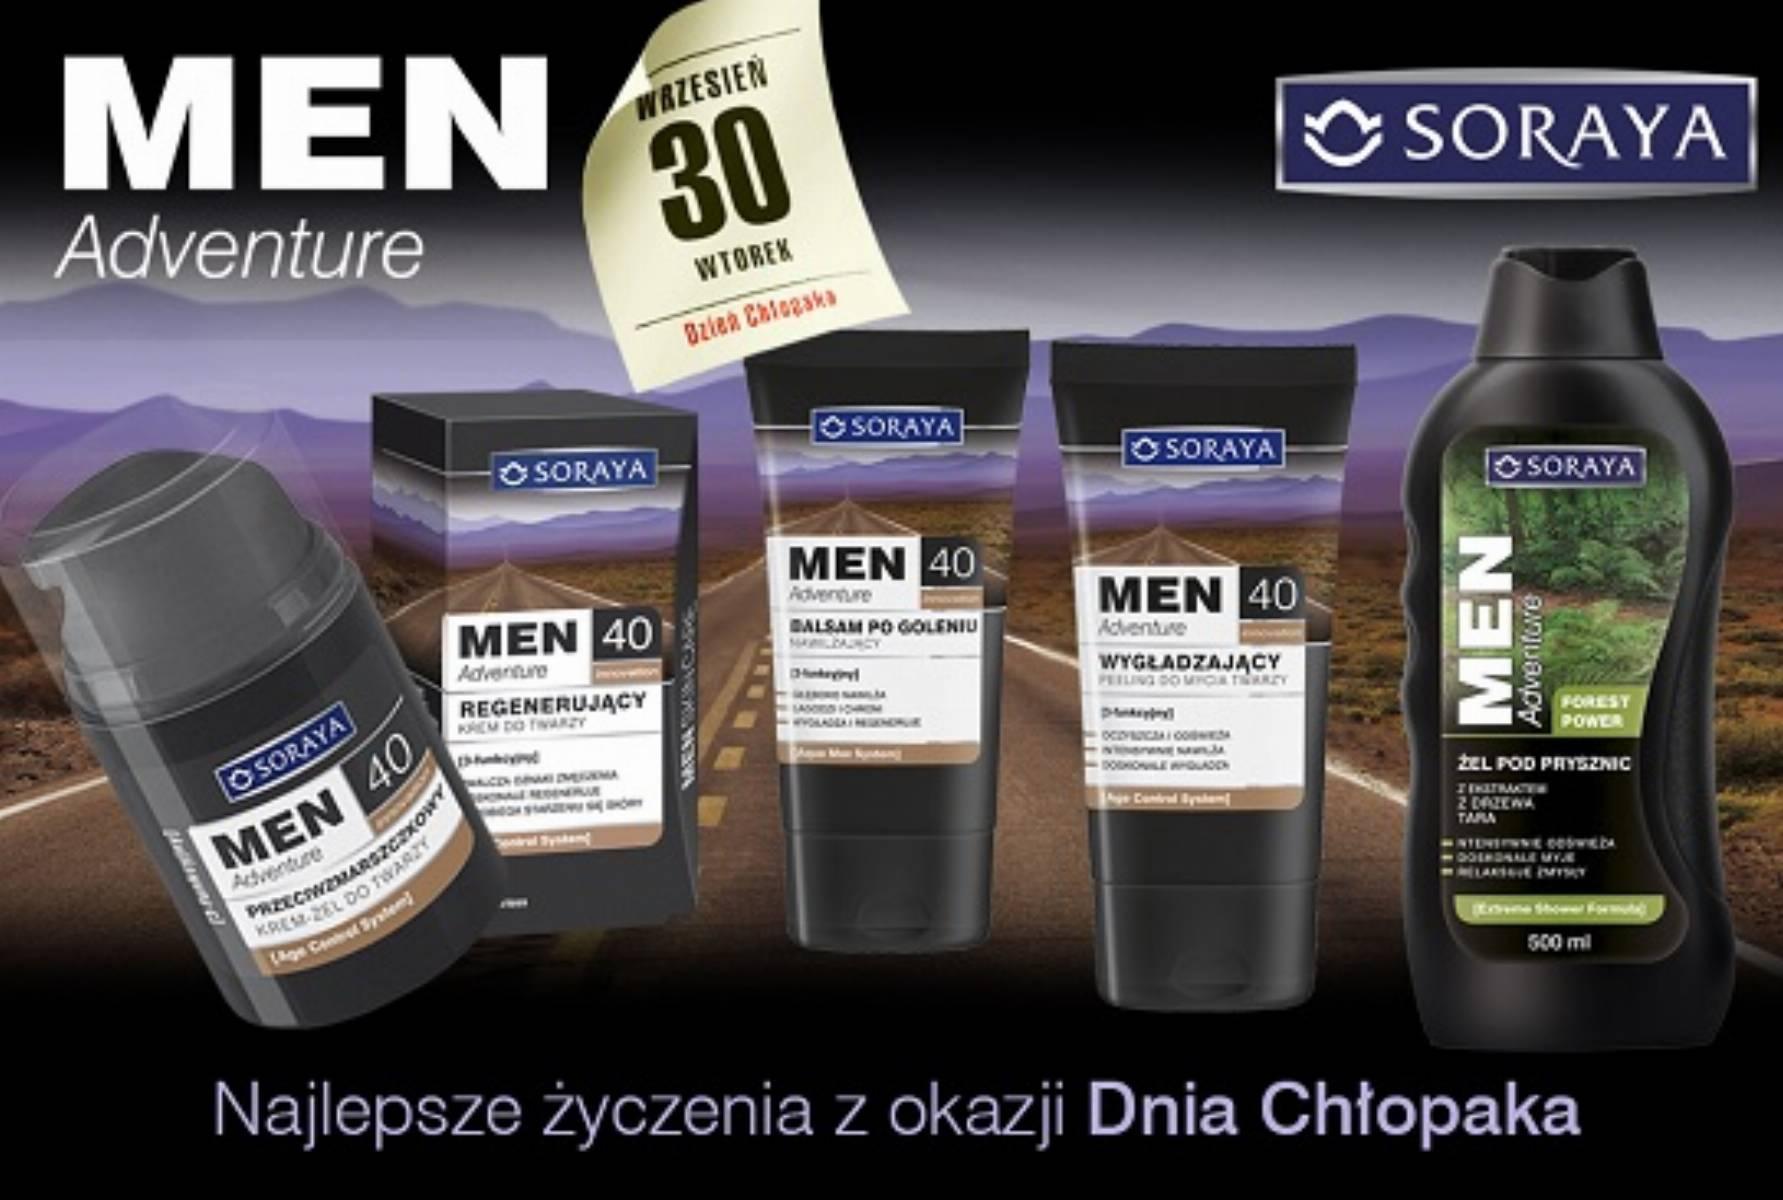 Soraya Men Adventure 40+